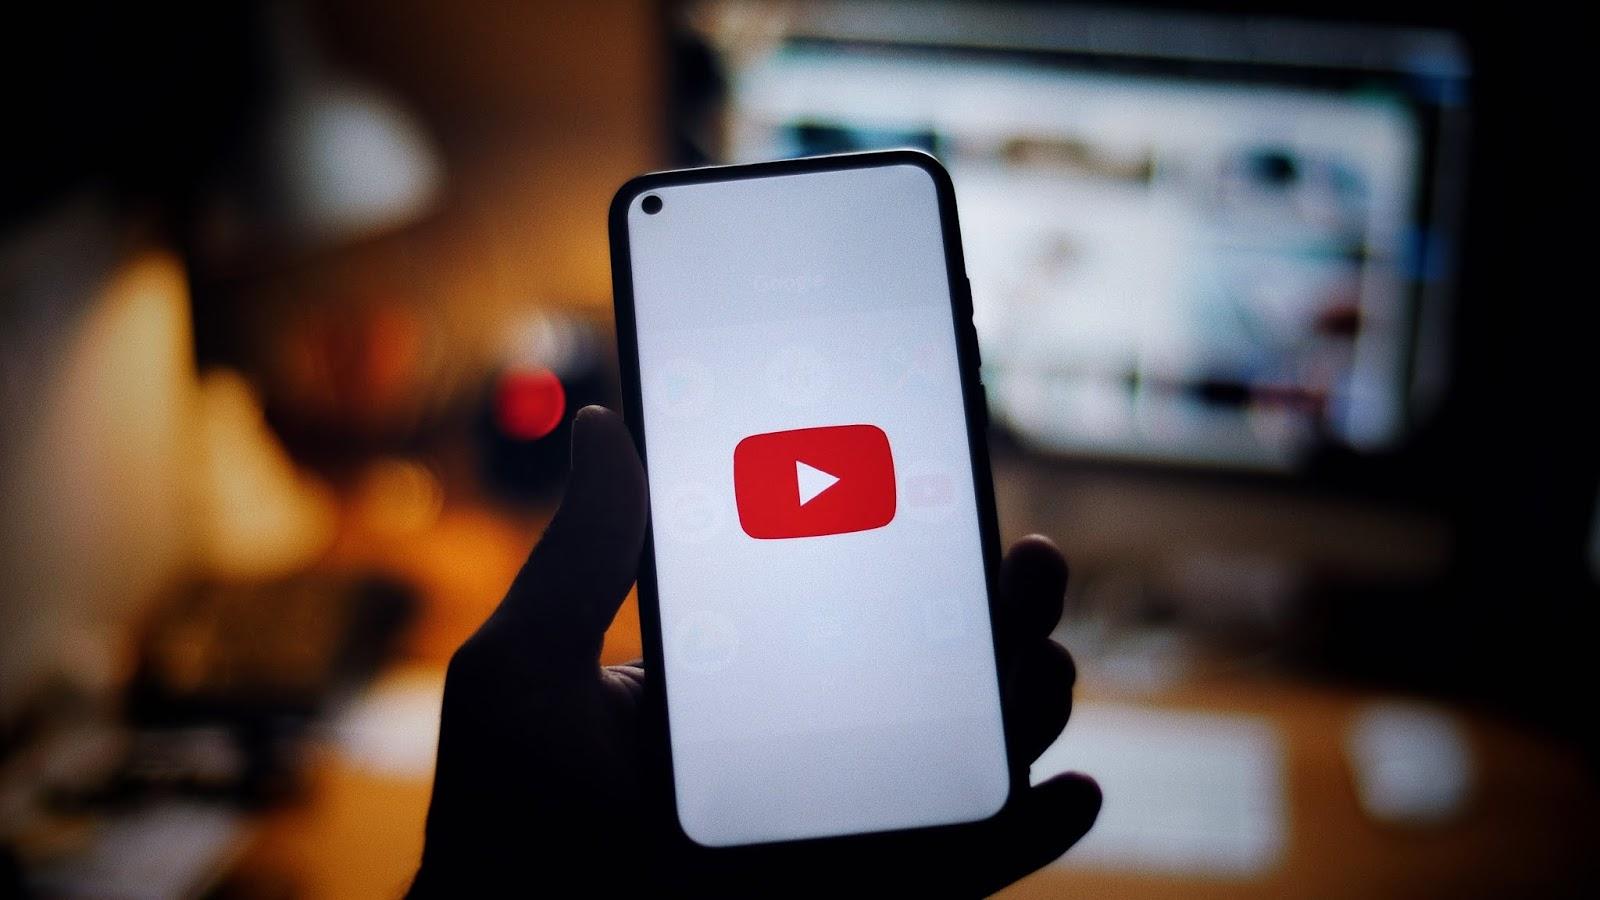 Musikvideoroundup Ende Mai 2019